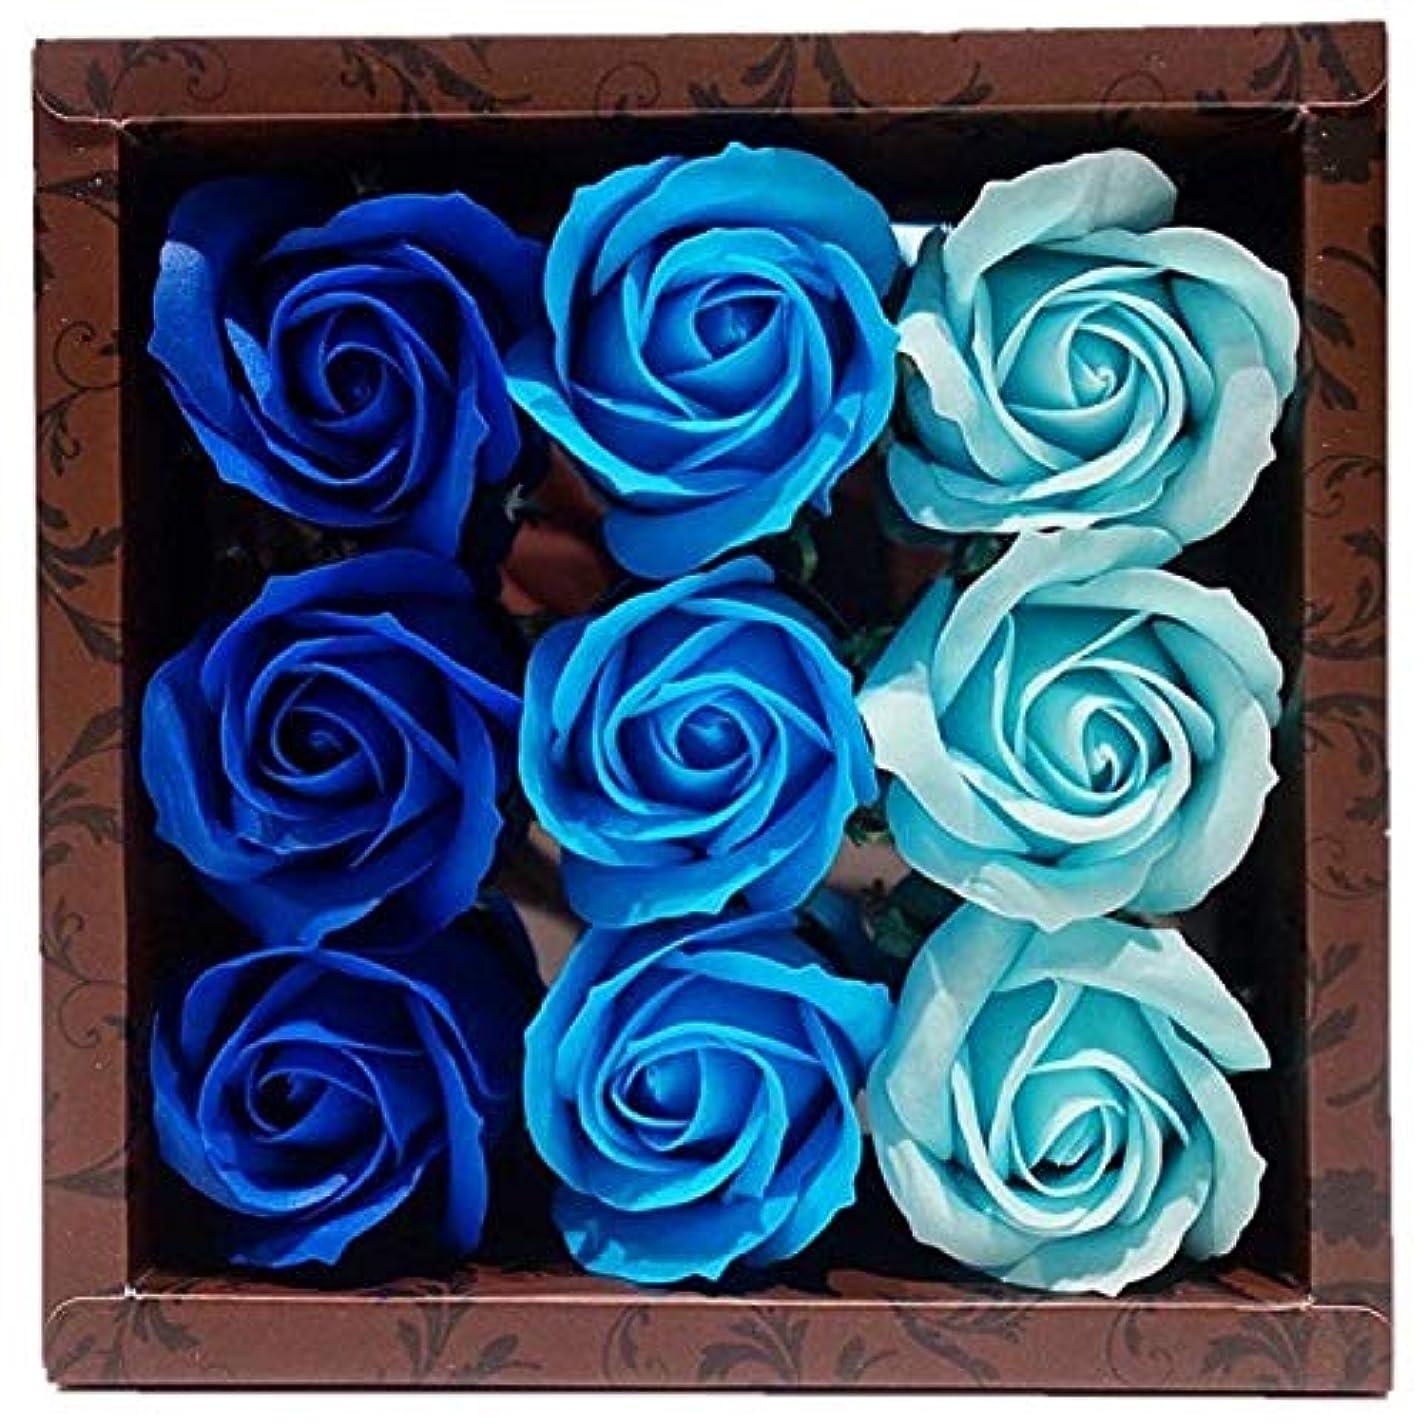 化粧ドアマインドフルバスフレグランス バスフラワー ローズフレグランス ブルーカラー ギフト お花の形の入浴剤 ばら